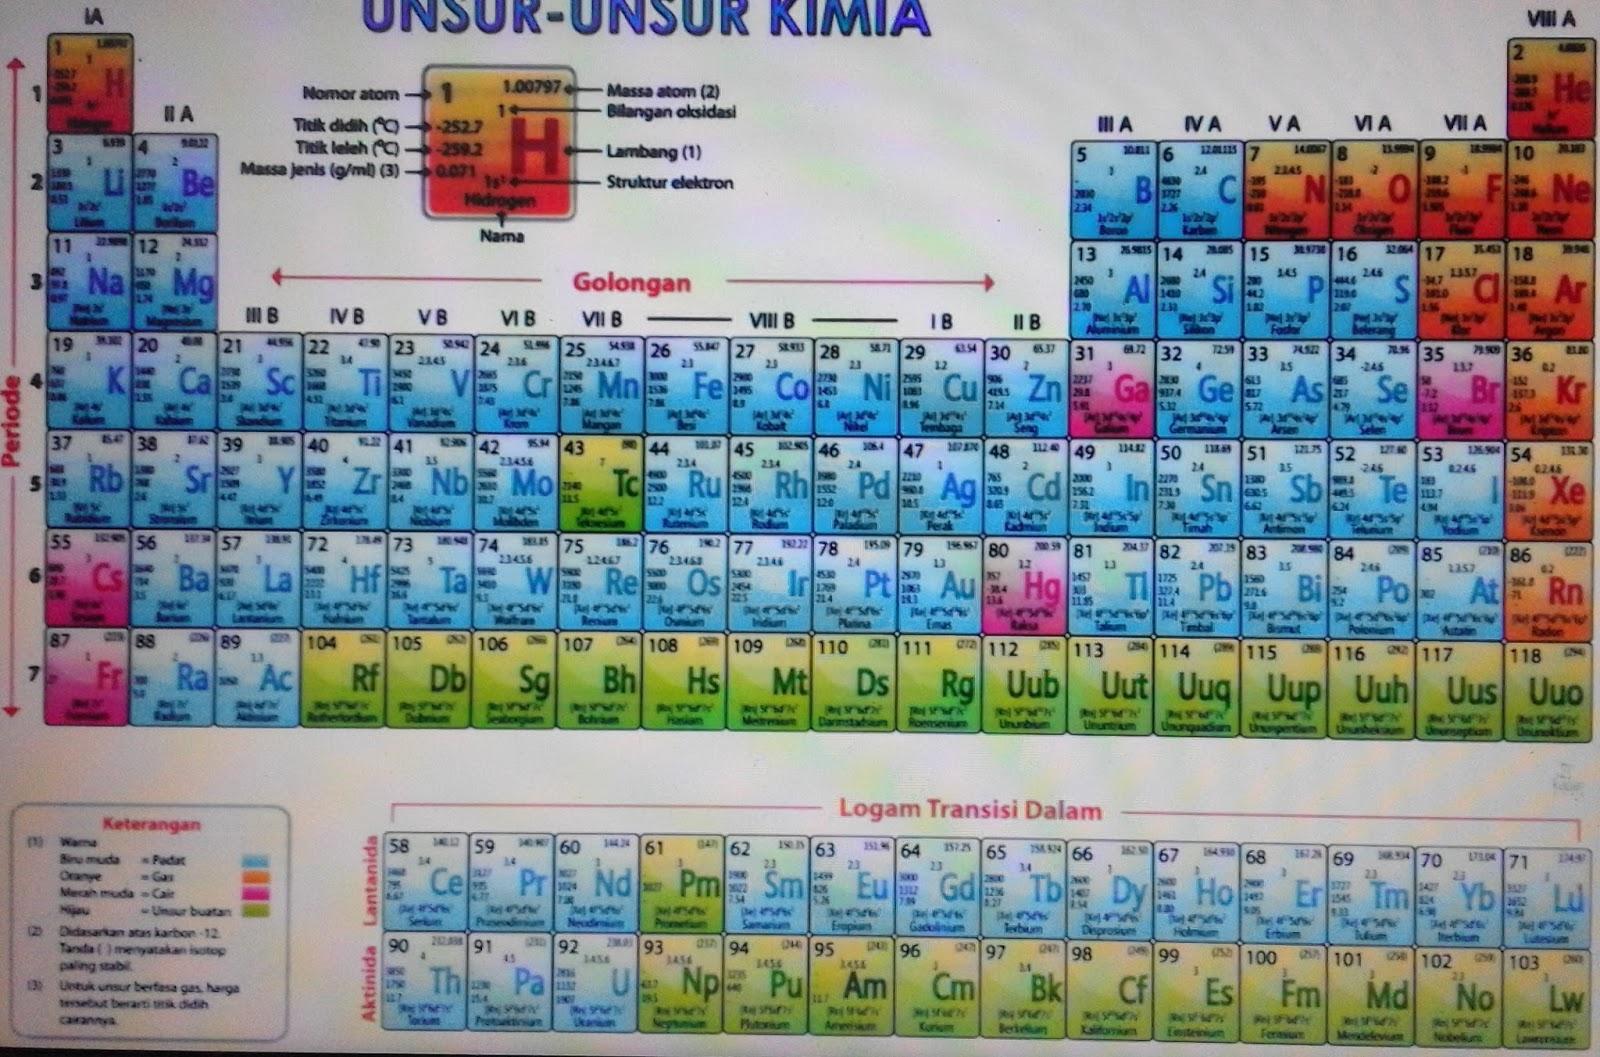 Tabel periodik unsur unsur kimia yang lengkap kampungtekno nomor unsur periode golongan lambang nama unsur jenis zat 1 1 1a h hidrogen gas 2 1 8a he helium gas 3 2 1a li litium padat 4 2 2a be berilium padat ccuart Choice Image